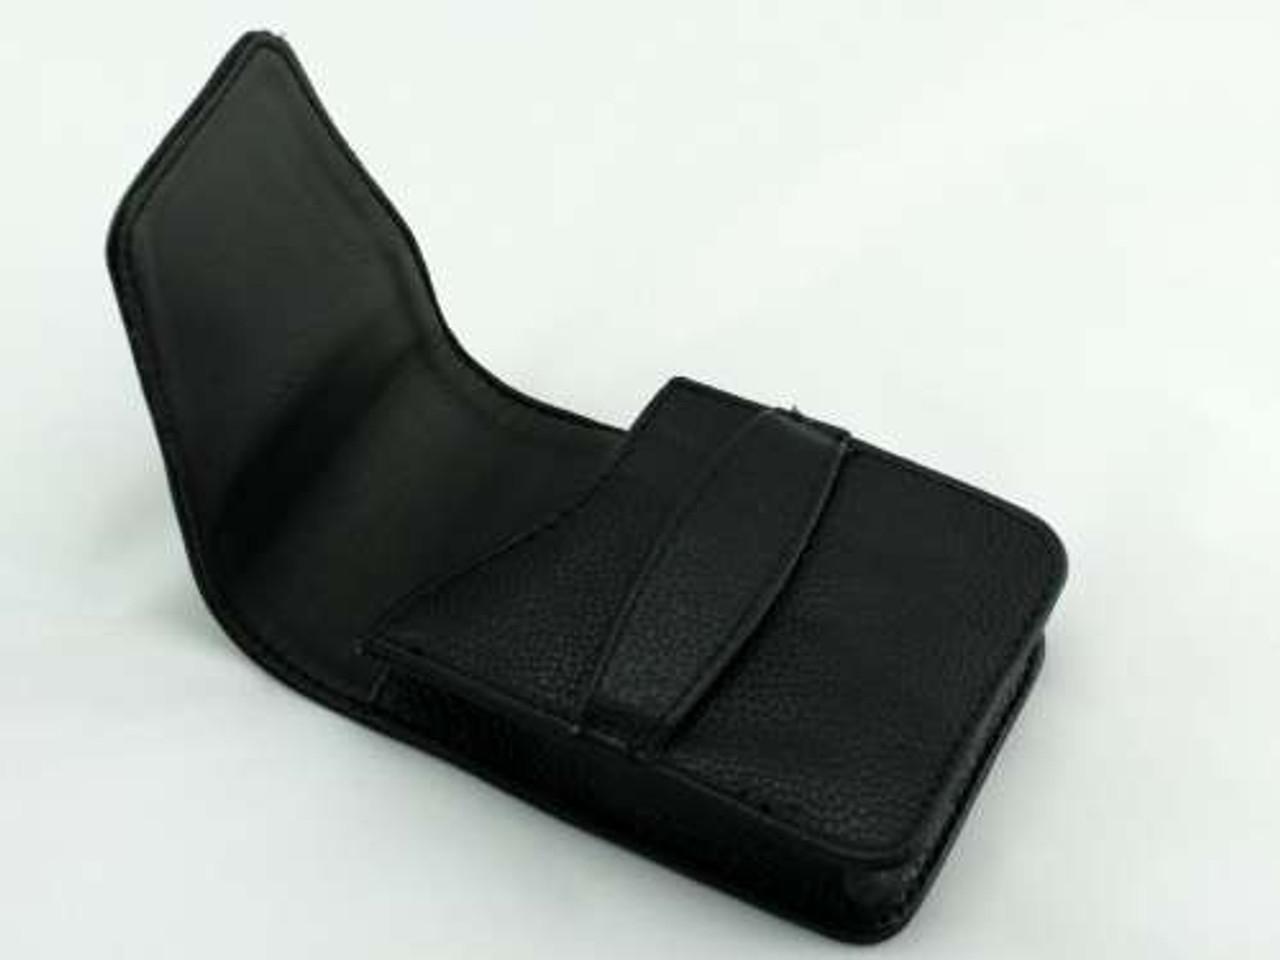 Black Slip Leather Cigarette Pack Holder